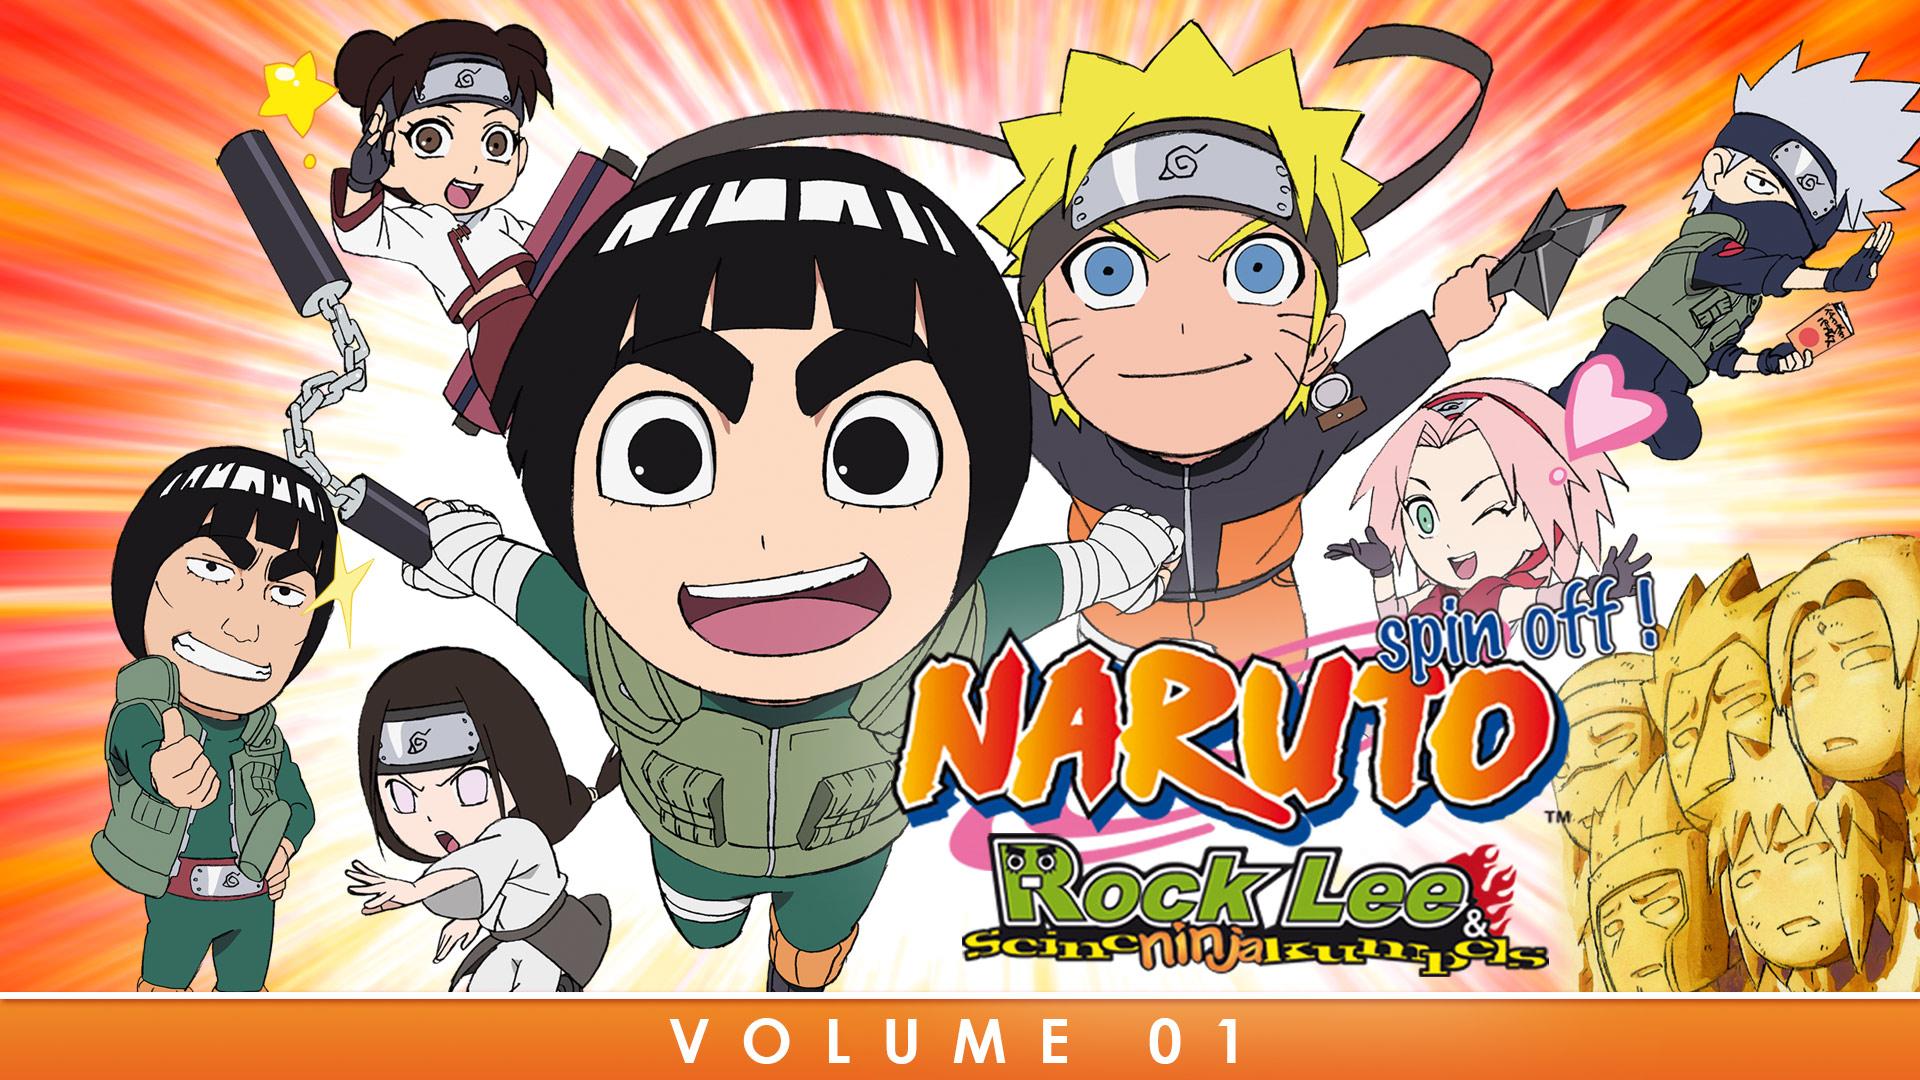 Naruto Spin Off! Rock Lee & seine Ninja Kumpels